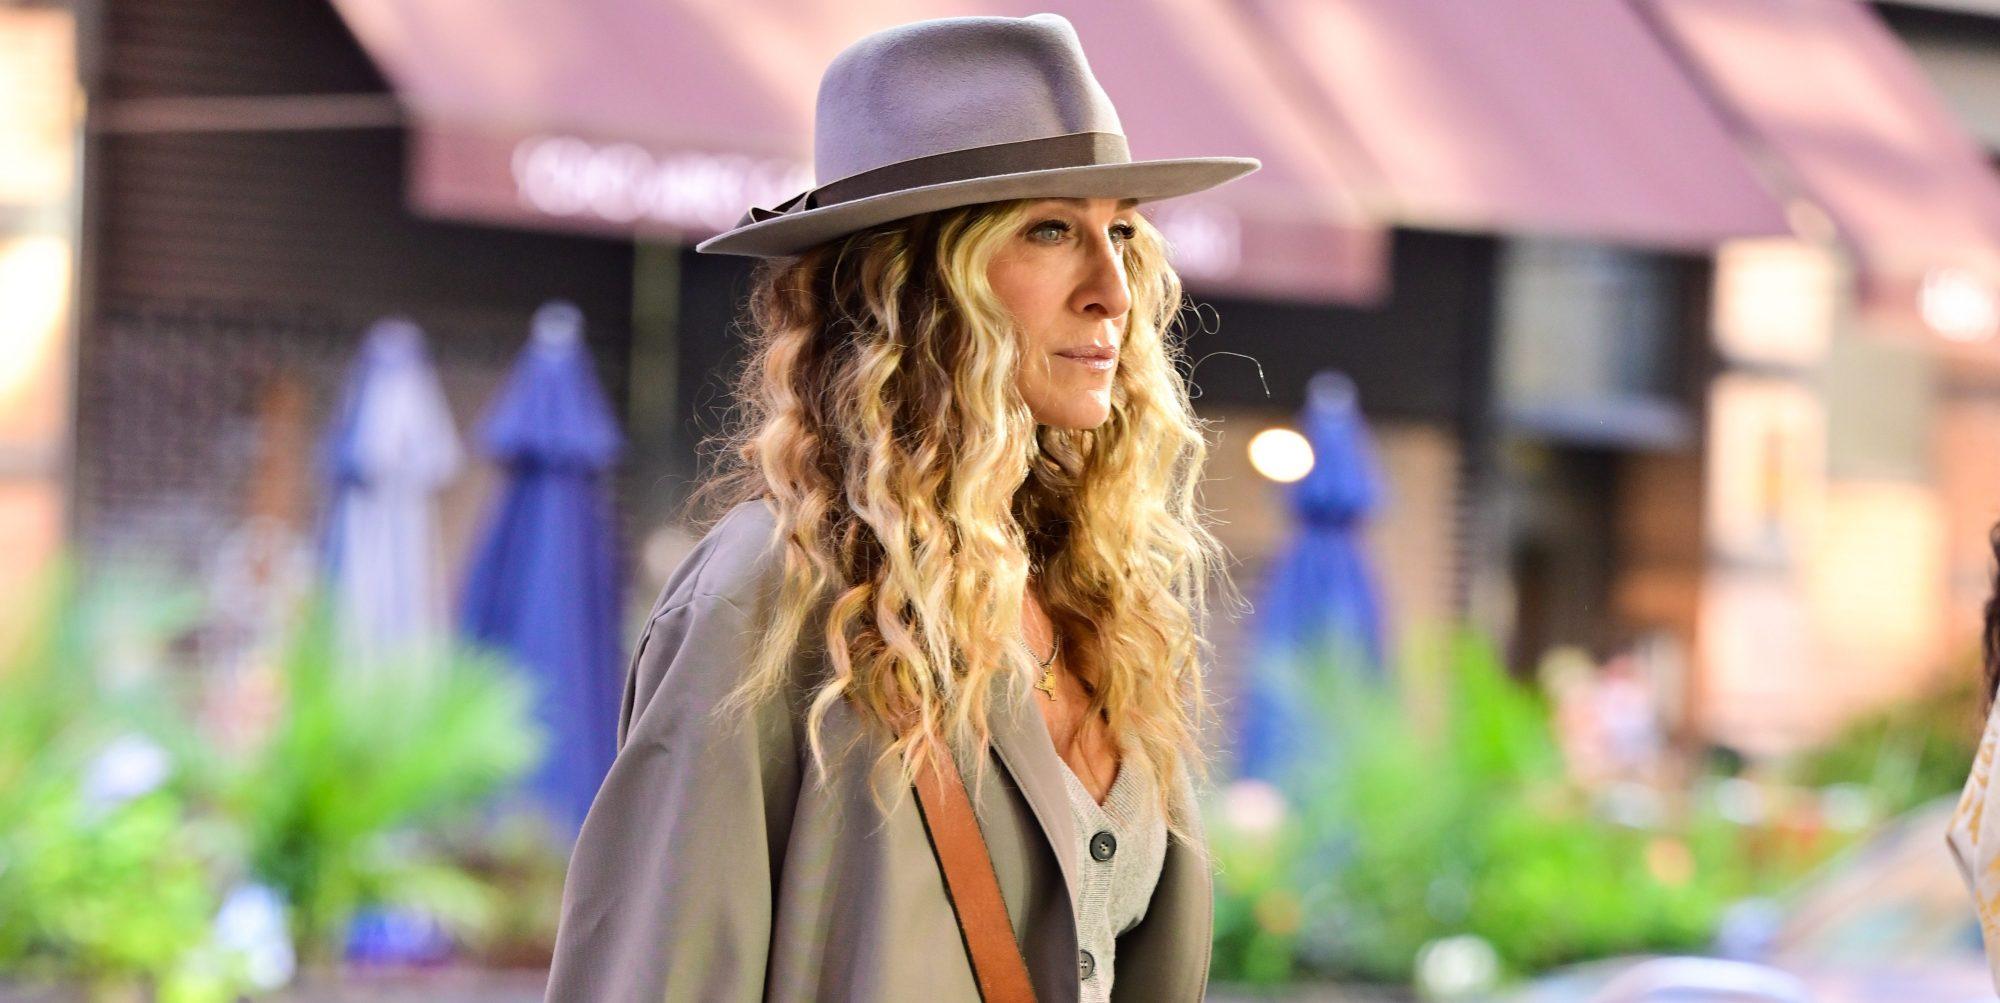 Με αυτό το χτένισμα της Sarah Jessica Parker θα μοιάζεις λες κι έκανες το πιο πετυχημένο lifting Κι όμως υπάρχει το χτένισμα που βοηθά στο να δείχνει πιο λεία η επιδερμίδα. Η Sarah Jessica Parker ξέρει ποιο είναι αυτό το hair look και στα νέα επεισόδια του «Sex and the city» θα την δούμε αρκετές φορές με αυτό.